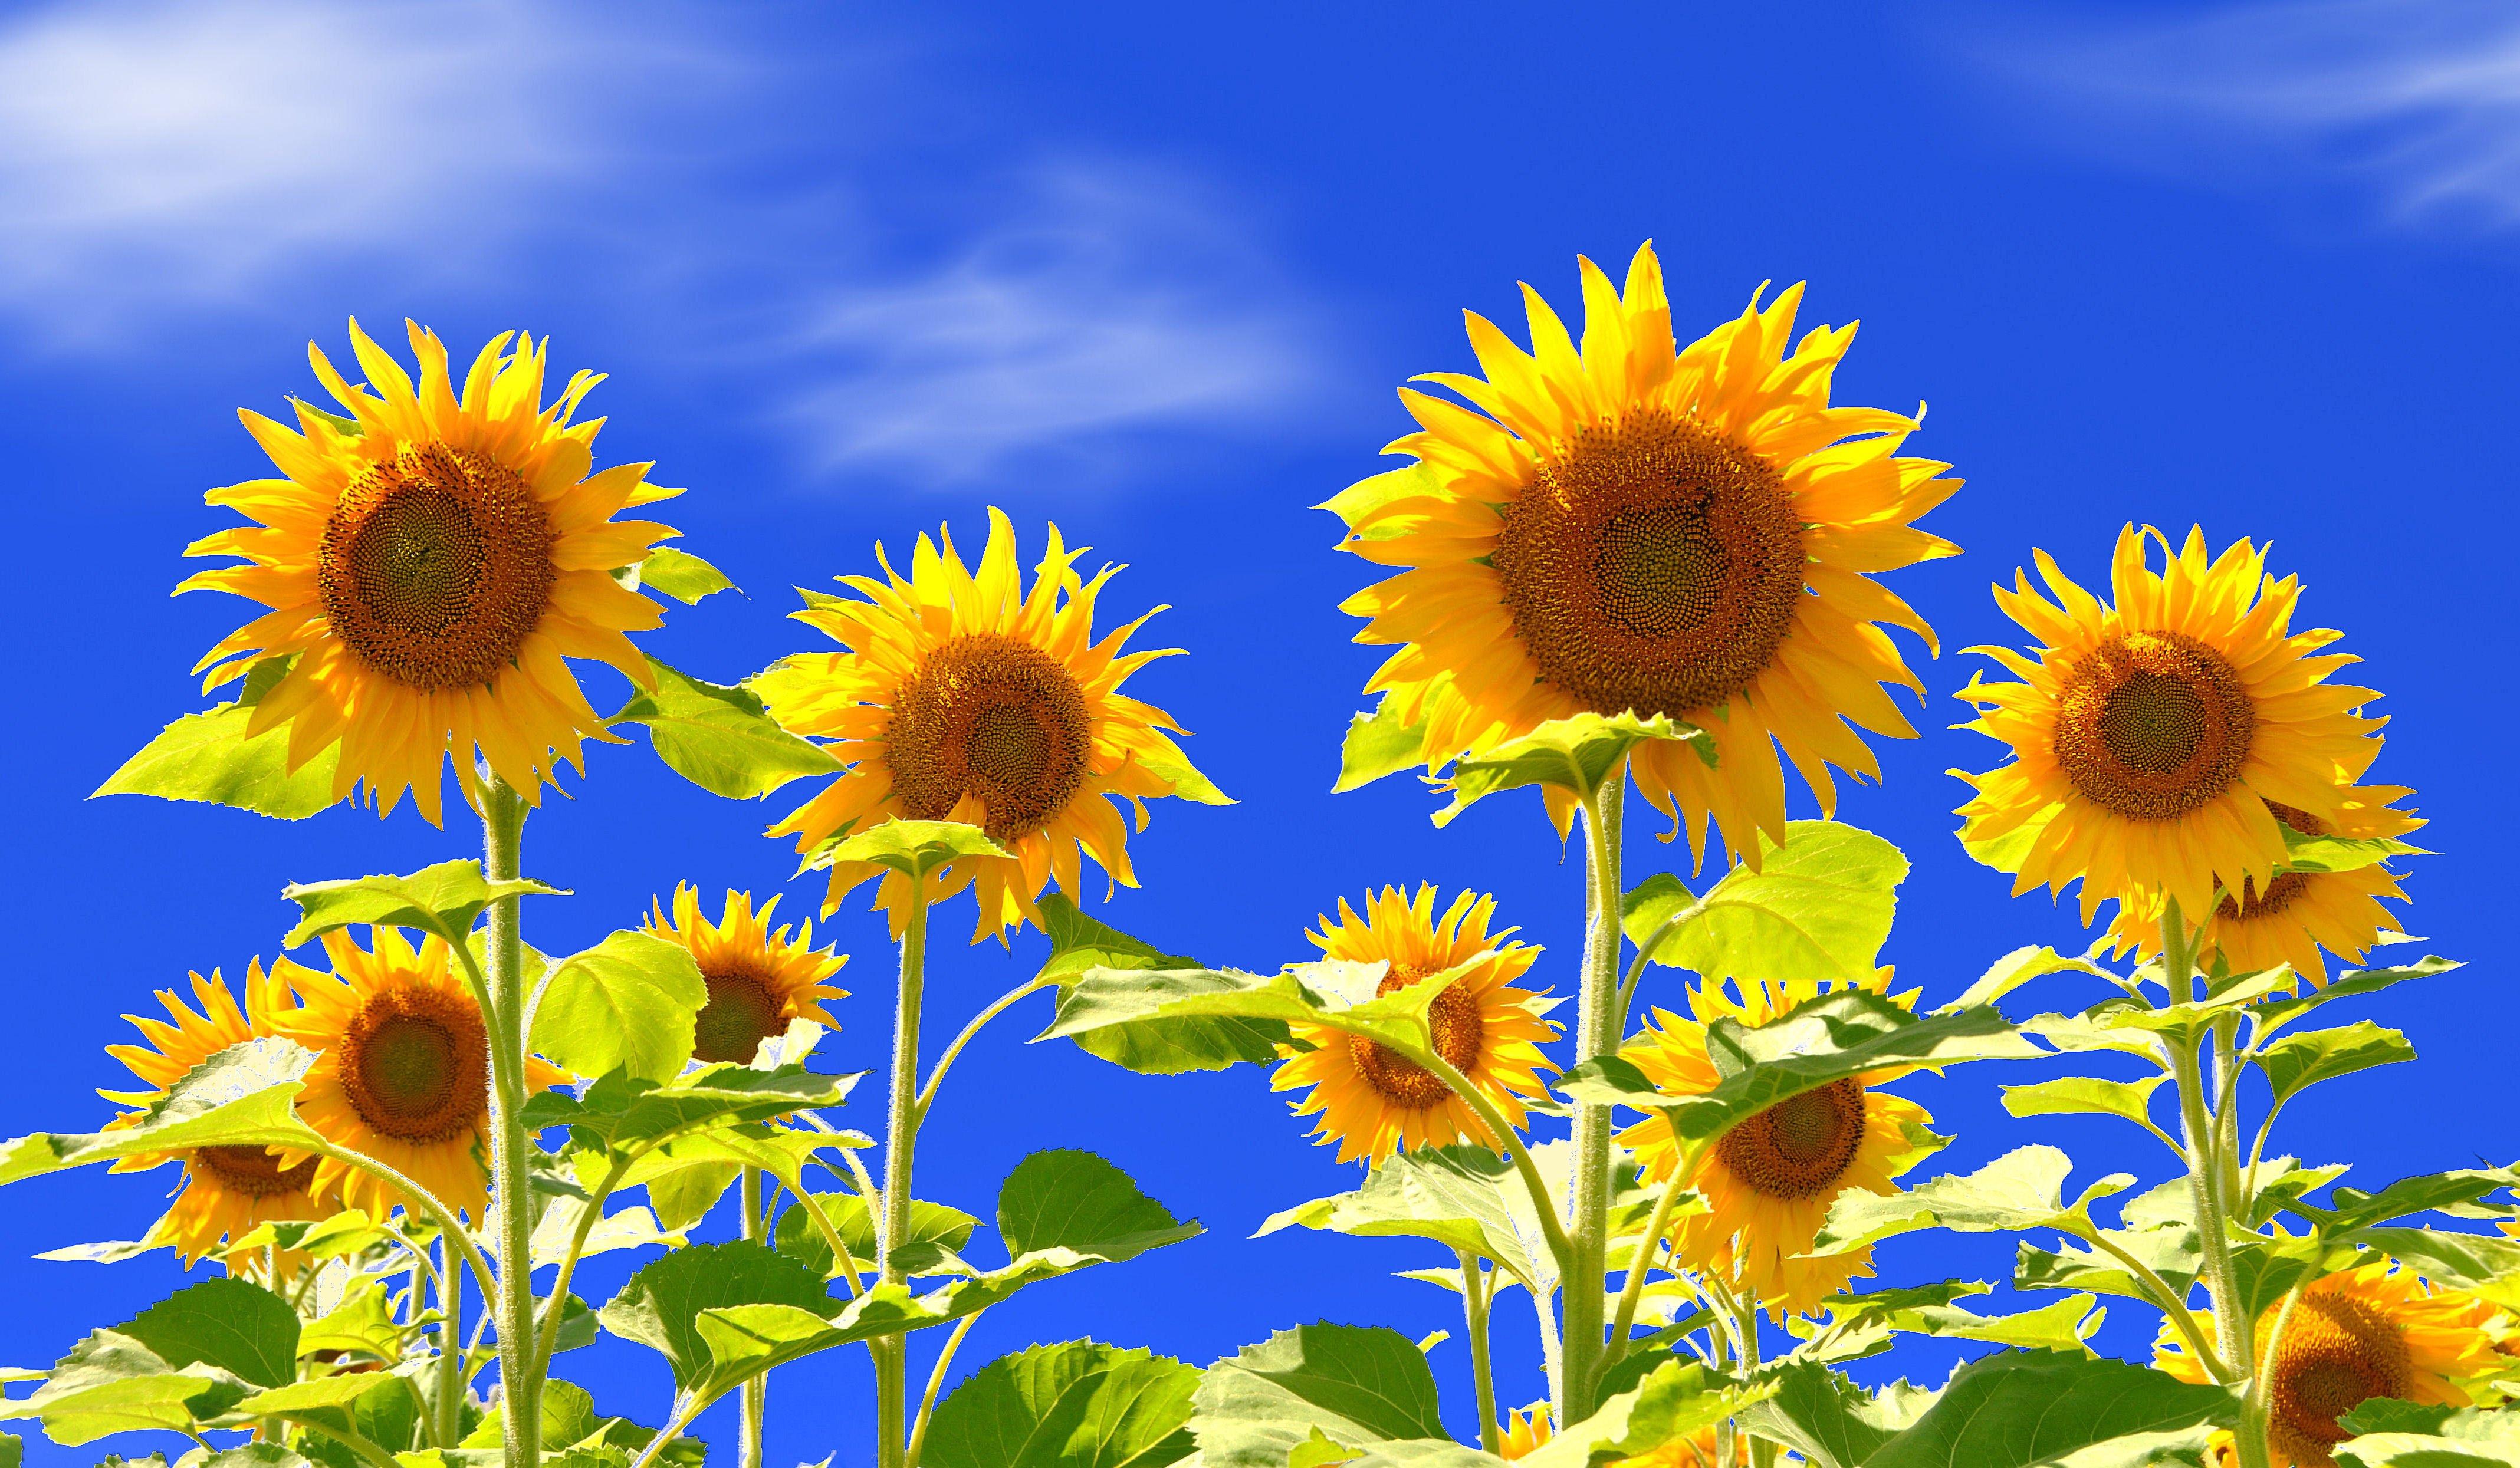 Sunflower Sunshine HD desktop wallpaper High Definition